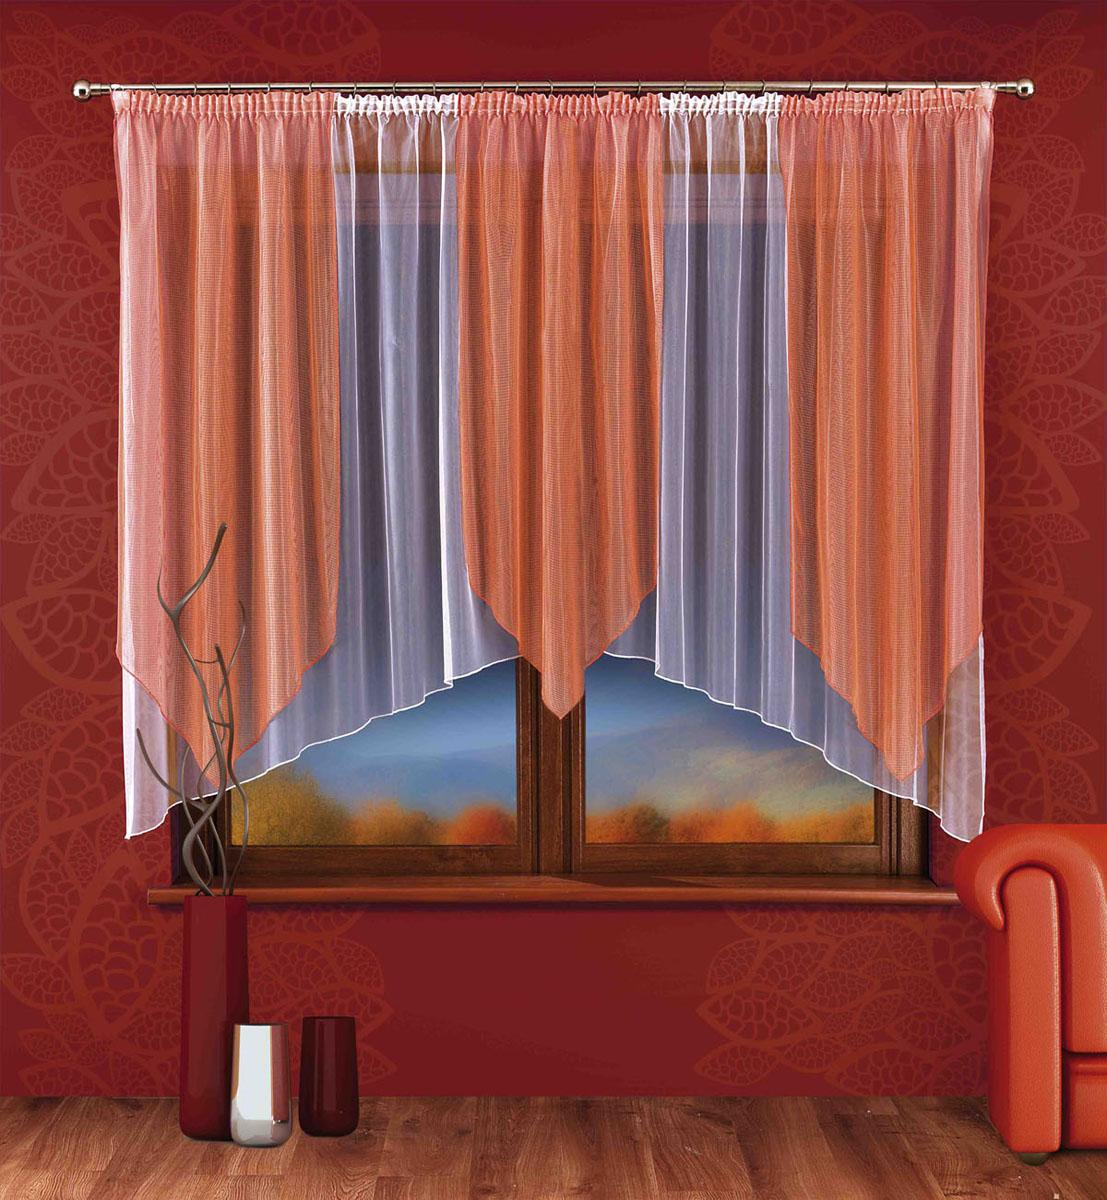 Гардина Pamela, на ленте, цвет: белый, оранжевый, высота 170 смS03301004Легкая гардина Pamela, изготовленная из полиэстера белого и оранжевого цветов, станет великолепным украшением любого окна. Тонкое плетение, оригинальный принт, приятная цветовая гамма привлекут к себе внимание и органично впишутся в интерьер комнаты. В гардину вшита шторная лента для собирания в сборки. Характеристики:Материал: 100% полиэстер. Цвет: белый, оранжевый. Размер упаковки:25 см х 33 см х 6 см. Артикул: 745692.В комплект входит: Гардина - 1 шт. Размер (ШхВ): 250 см х 170 см. Фирма Wisan на польском рынке существует уже более пятидесяти лет и является одной из лучших польских фабрик по производству штор и тканей. Ассортимент фирмы представлен готовыми комплектами штор для гостиной, детской, кухни, а также текстилем для кухни (скатерти, салфетки, дорожки, кухонные занавески). Модельный ряд отличает оригинальный дизайн, высокое качество.Ассортимент продукции постоянно пополняется.УВАЖАЕМЫЕ КЛИЕНТЫ!Обращаем ваше внимание на цвет изделия. Цветовой вариант комплекта, данного в интерьере, служит для визуального восприятия товара. Цветовая гамма данного комплекта представлена на отдельном изображении фрагментом ткани.